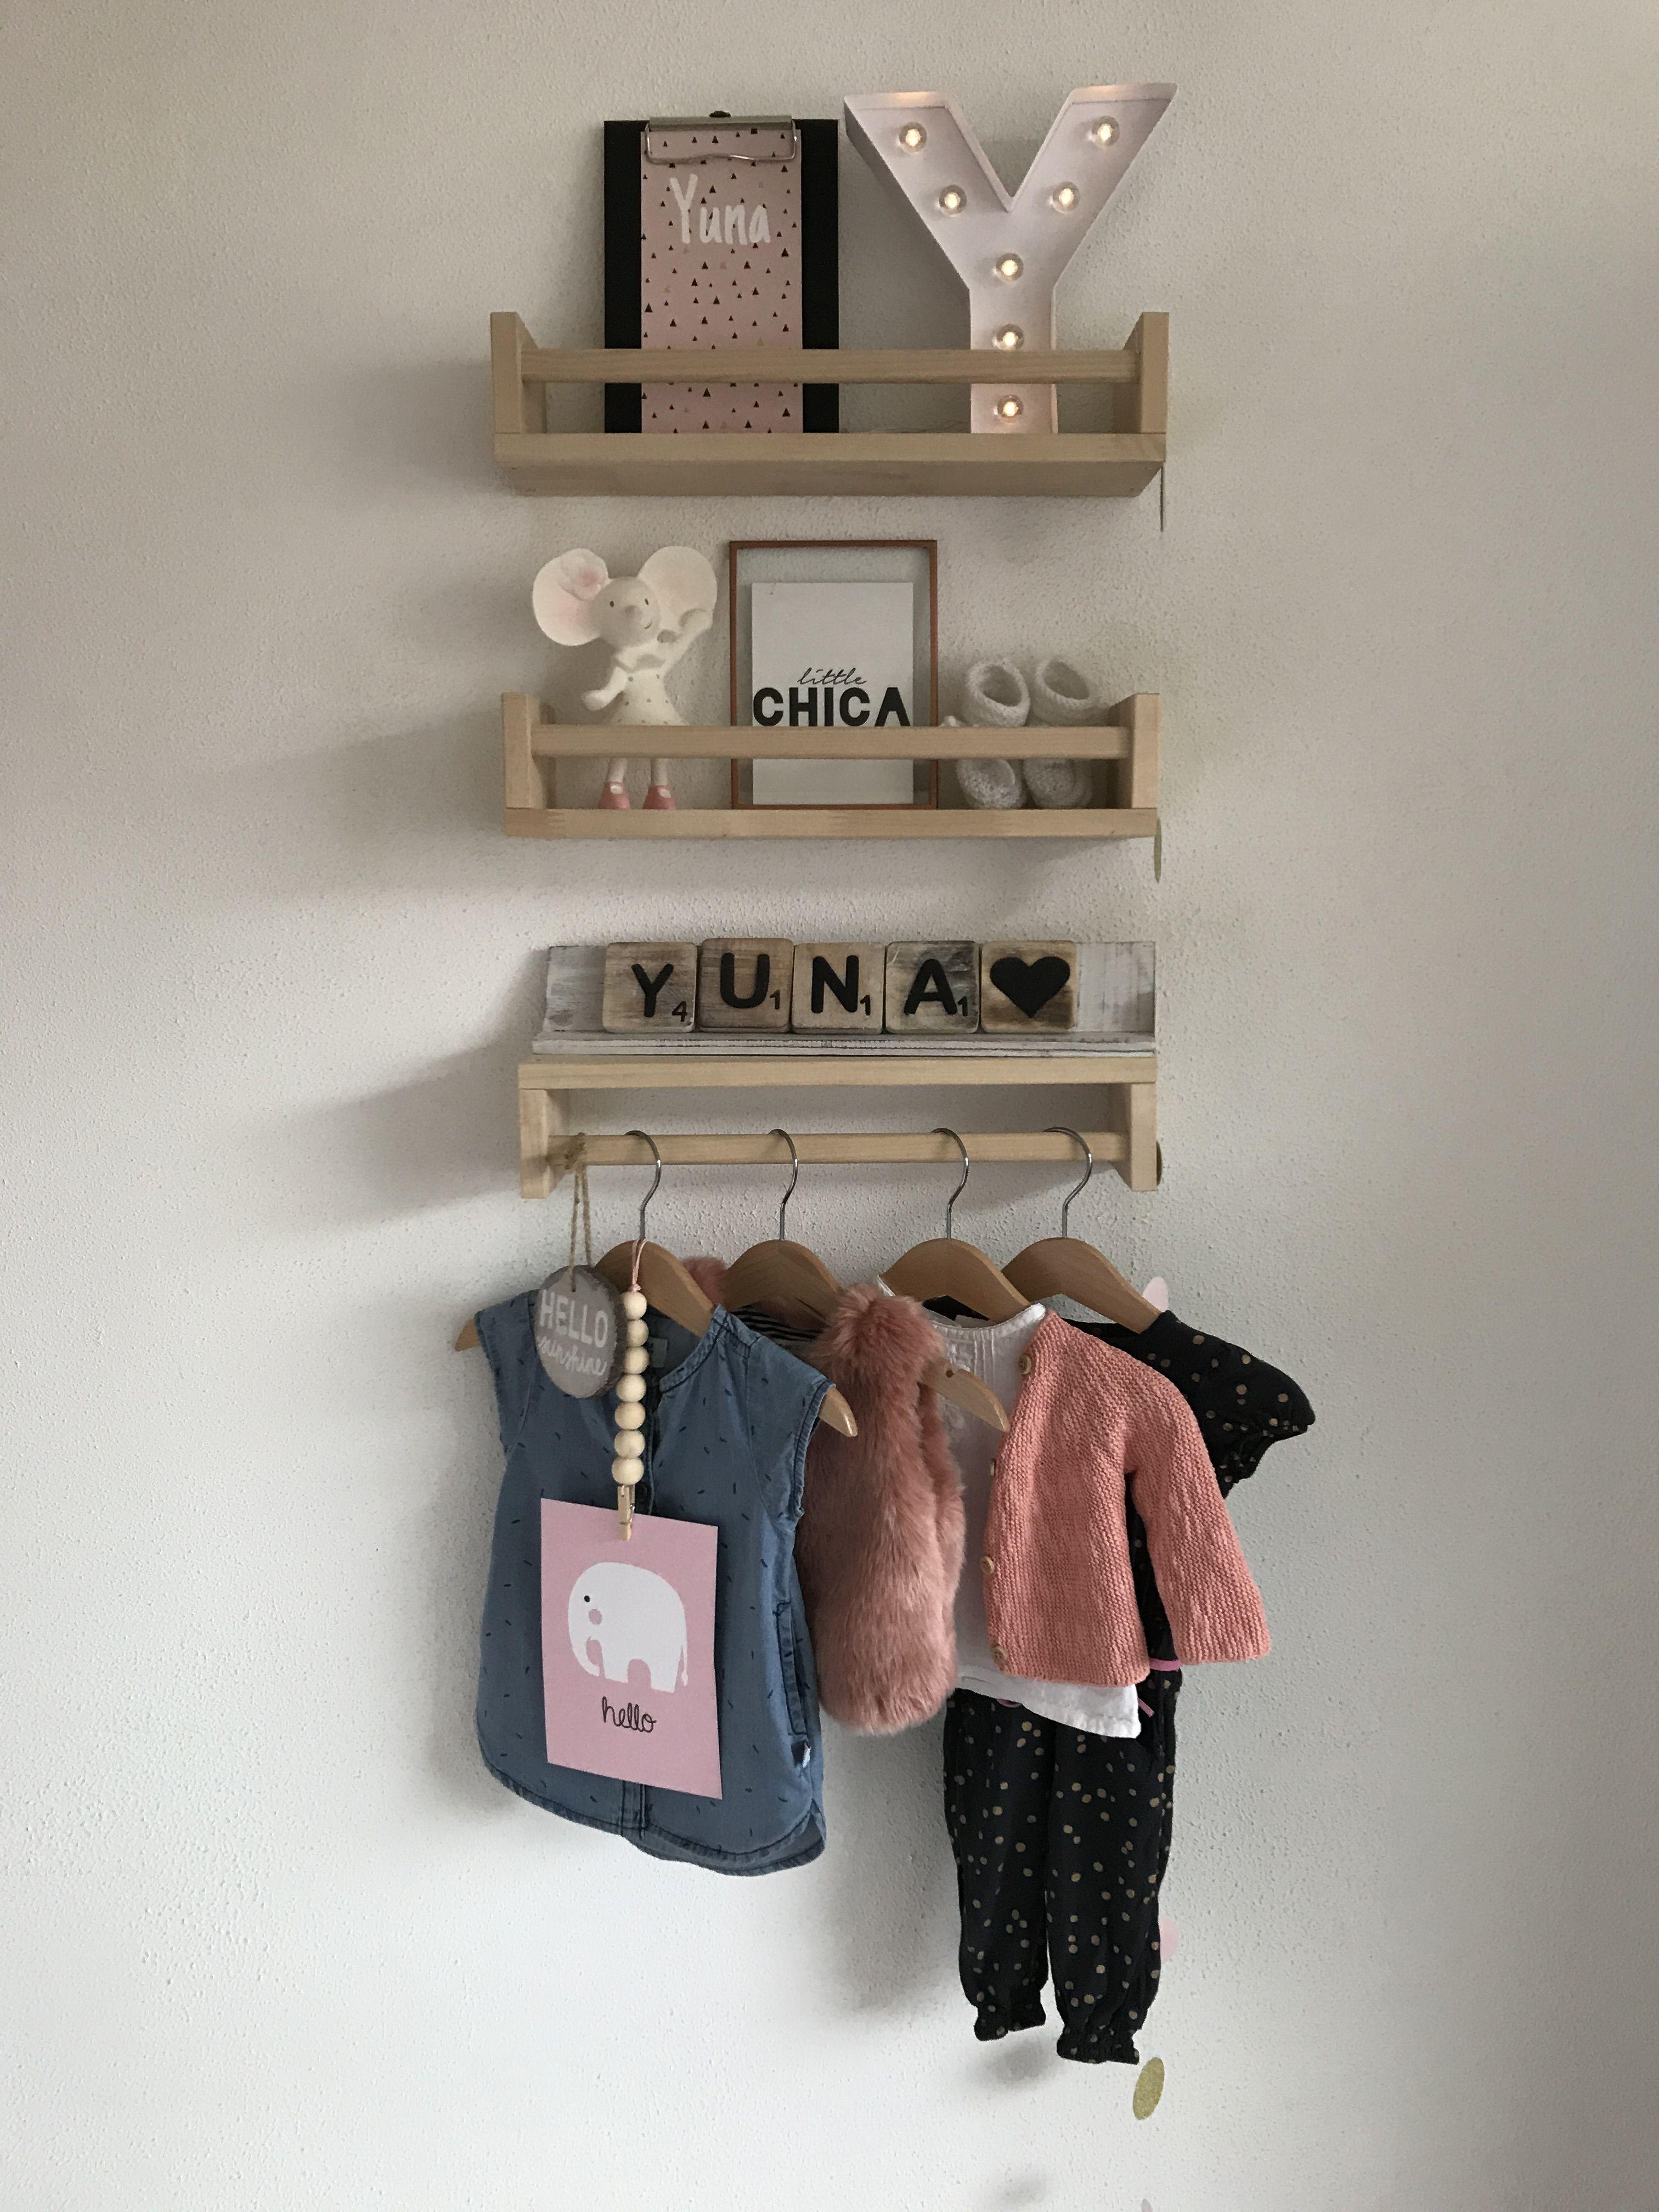 Accessoires Babykamer Kruidenrekjes Ikea Babykamer Decoratie Babykamer Babykamer Inspiratie